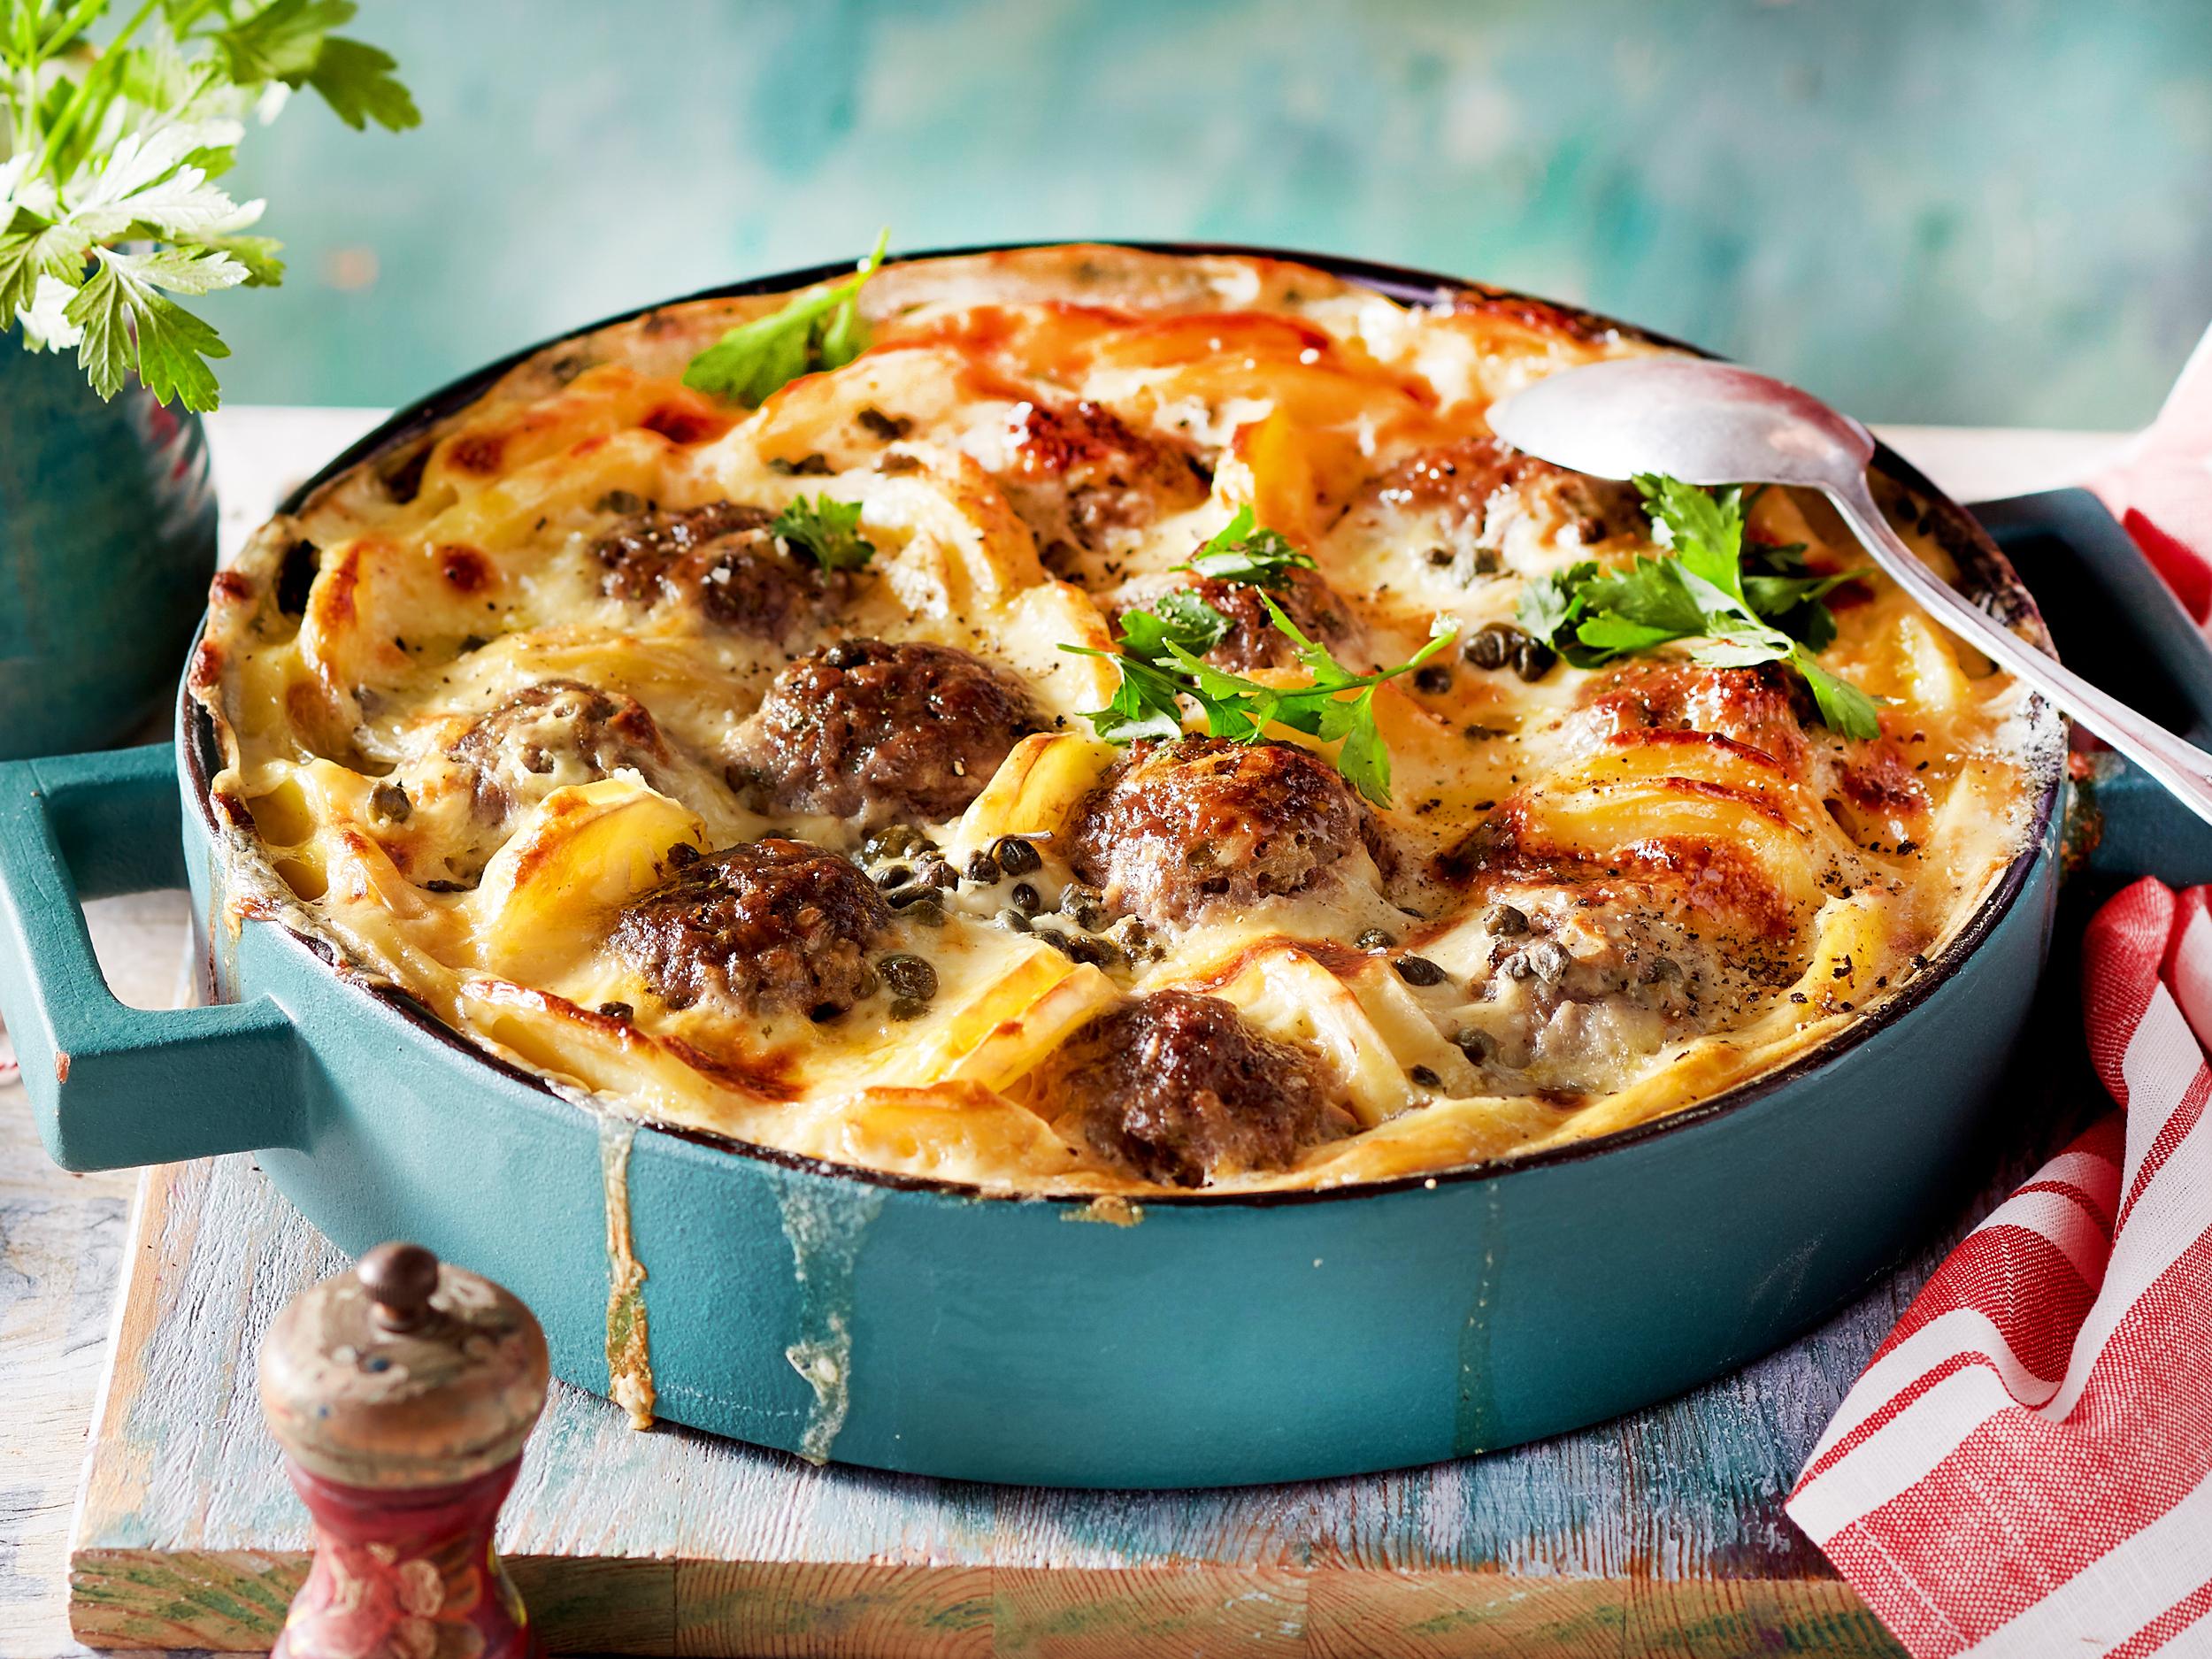 Fleischgerichte Aus Dem Ofen - Die Besten Rezepte | Lecker verwandt mit Schnelle Rezepte Für Gäste Zum Vorbereiten